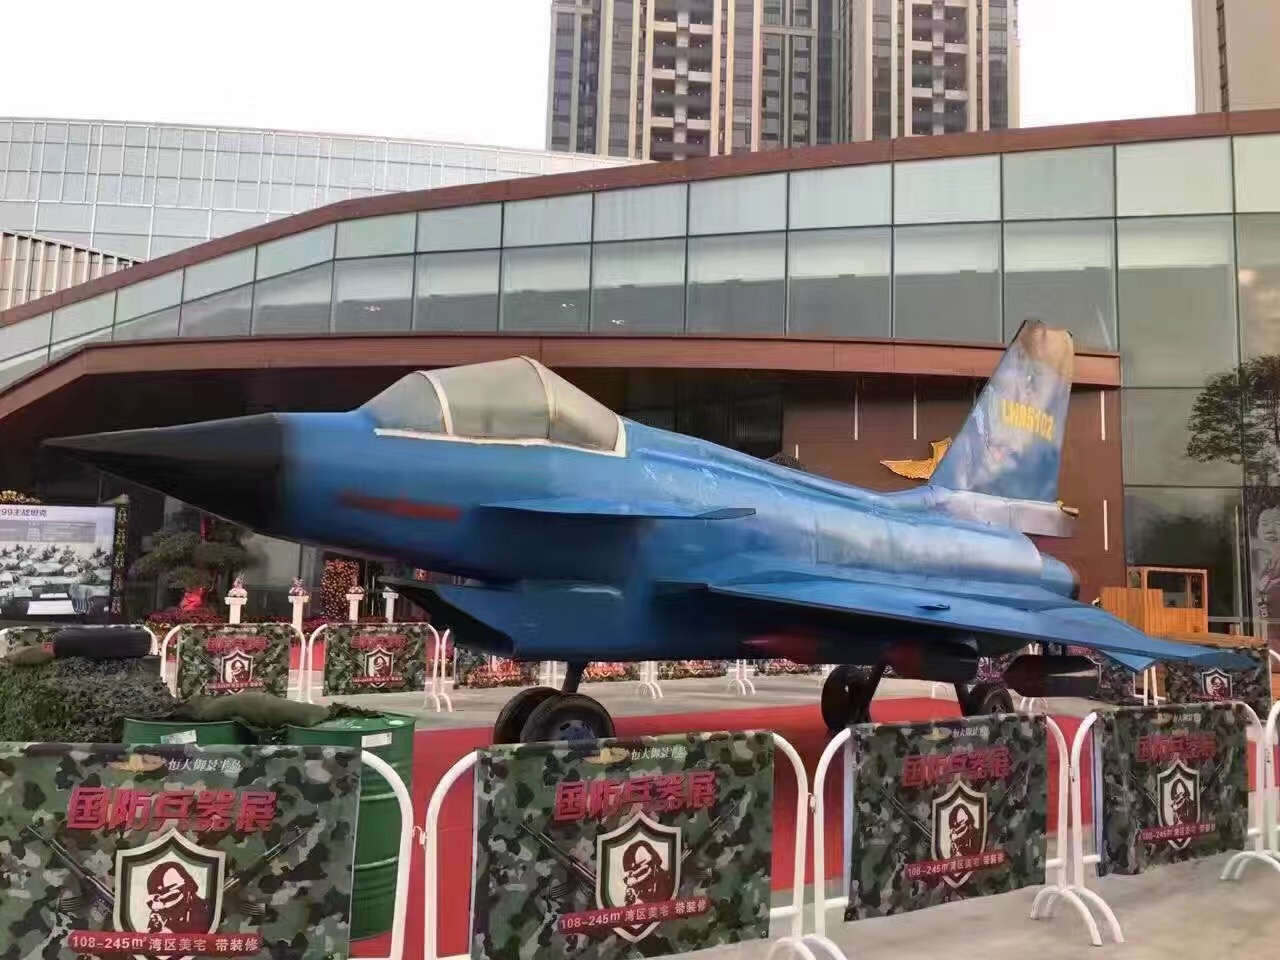 金華軍事模型出租價格 直升機租賃